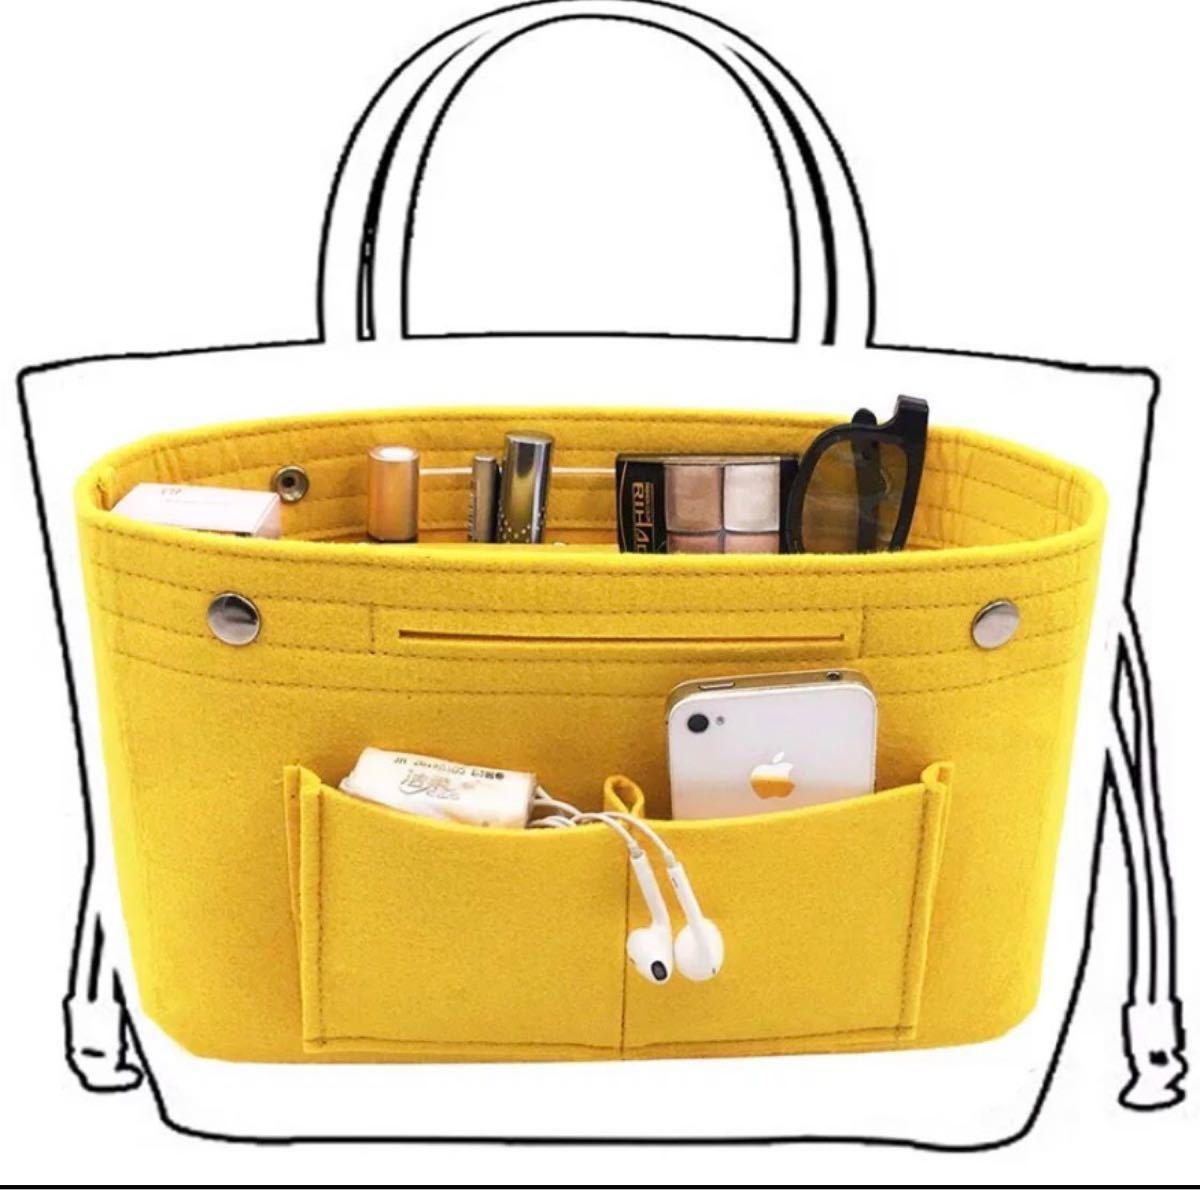 バッグインバッグ インナーバッグ 軽量 ポーチ ハンドバッグ マザーズバッグ 黄 大容量 収納 整理整頓 フェルト